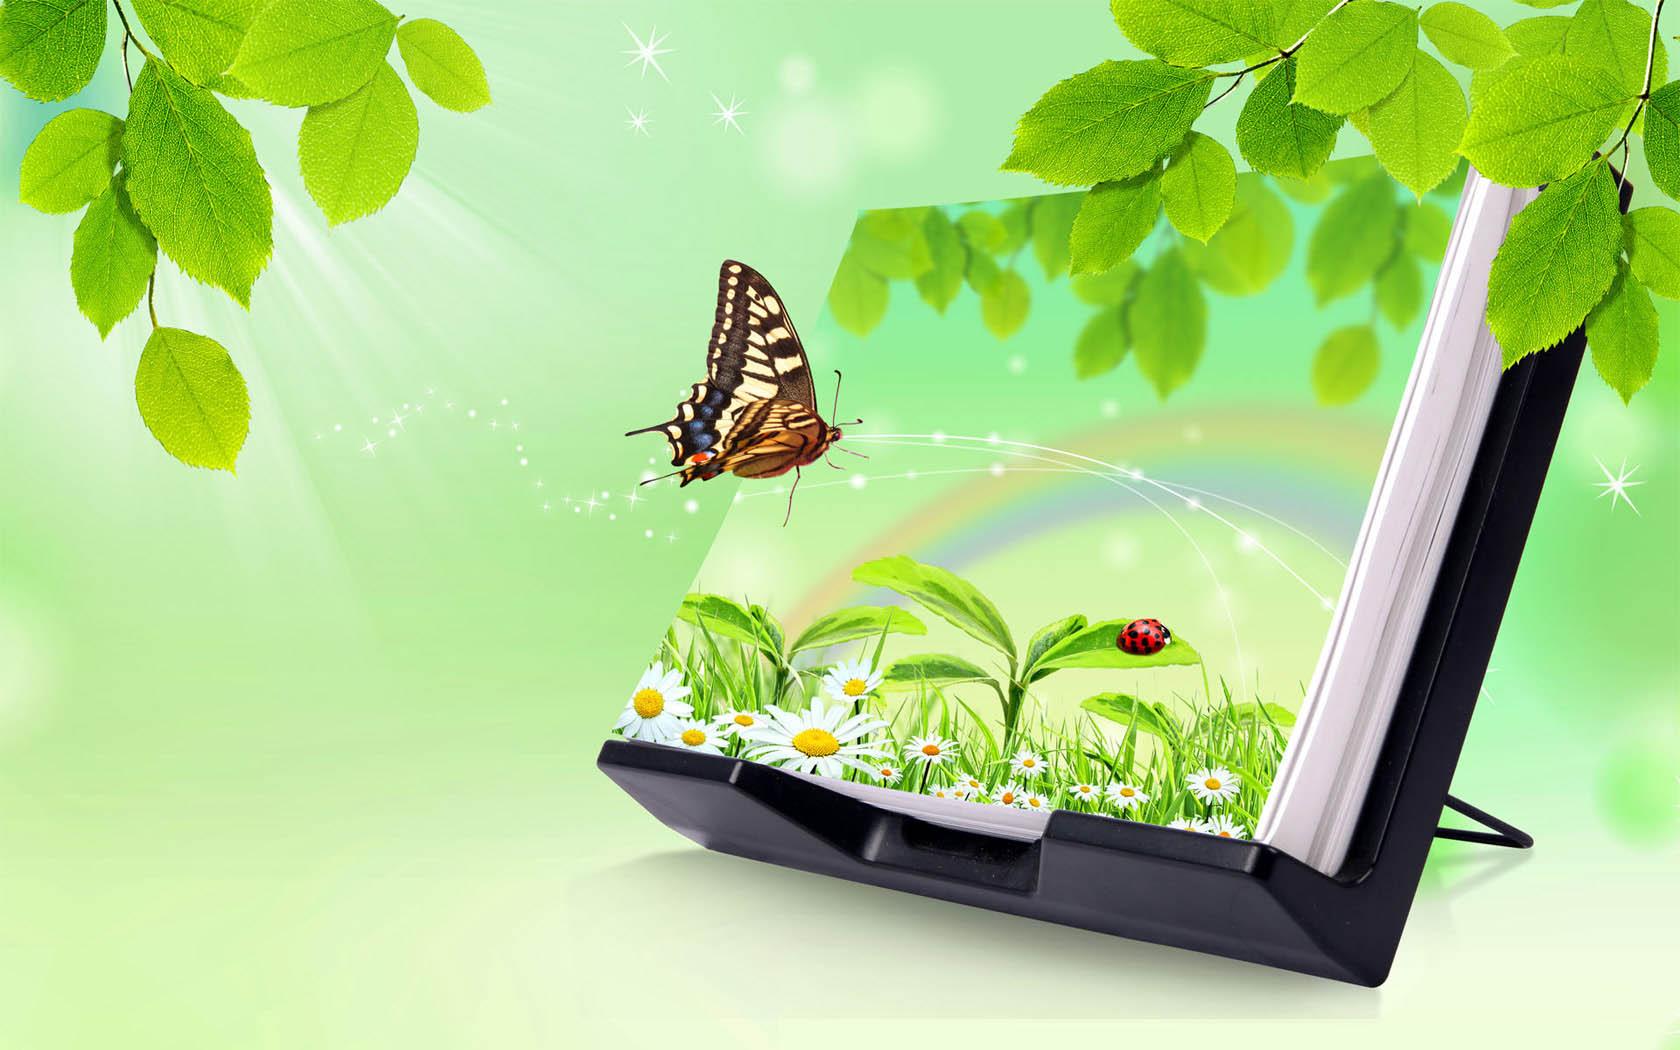 картинки для ноутбука весна чем